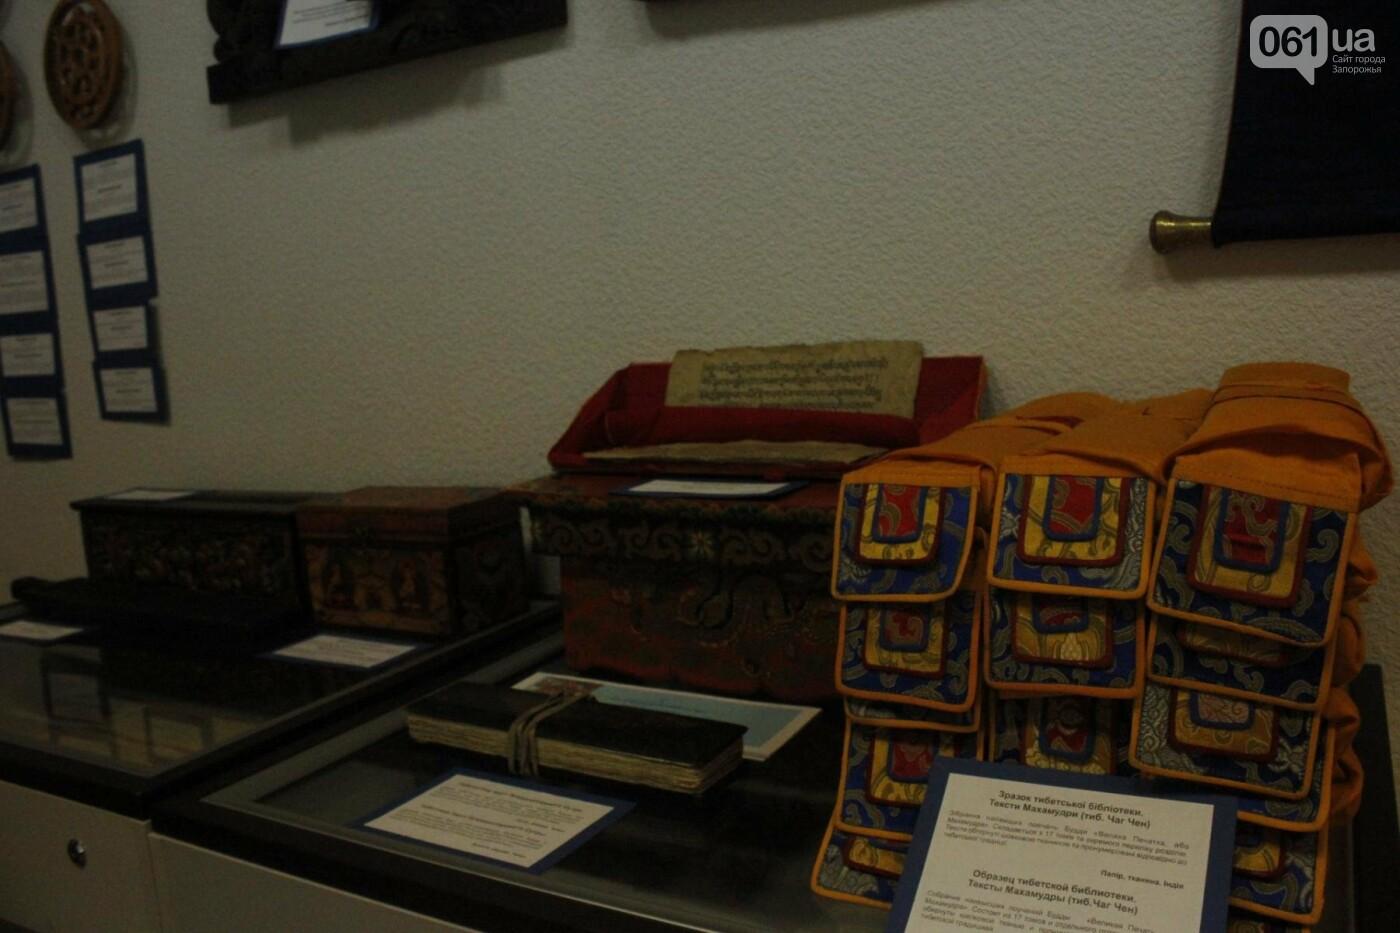 """В Запорожье выставка """"Сокровища Тибета"""" открыла Дни буддийской культуры, - ФОТОРЕПОРТАЖ, фото-6"""